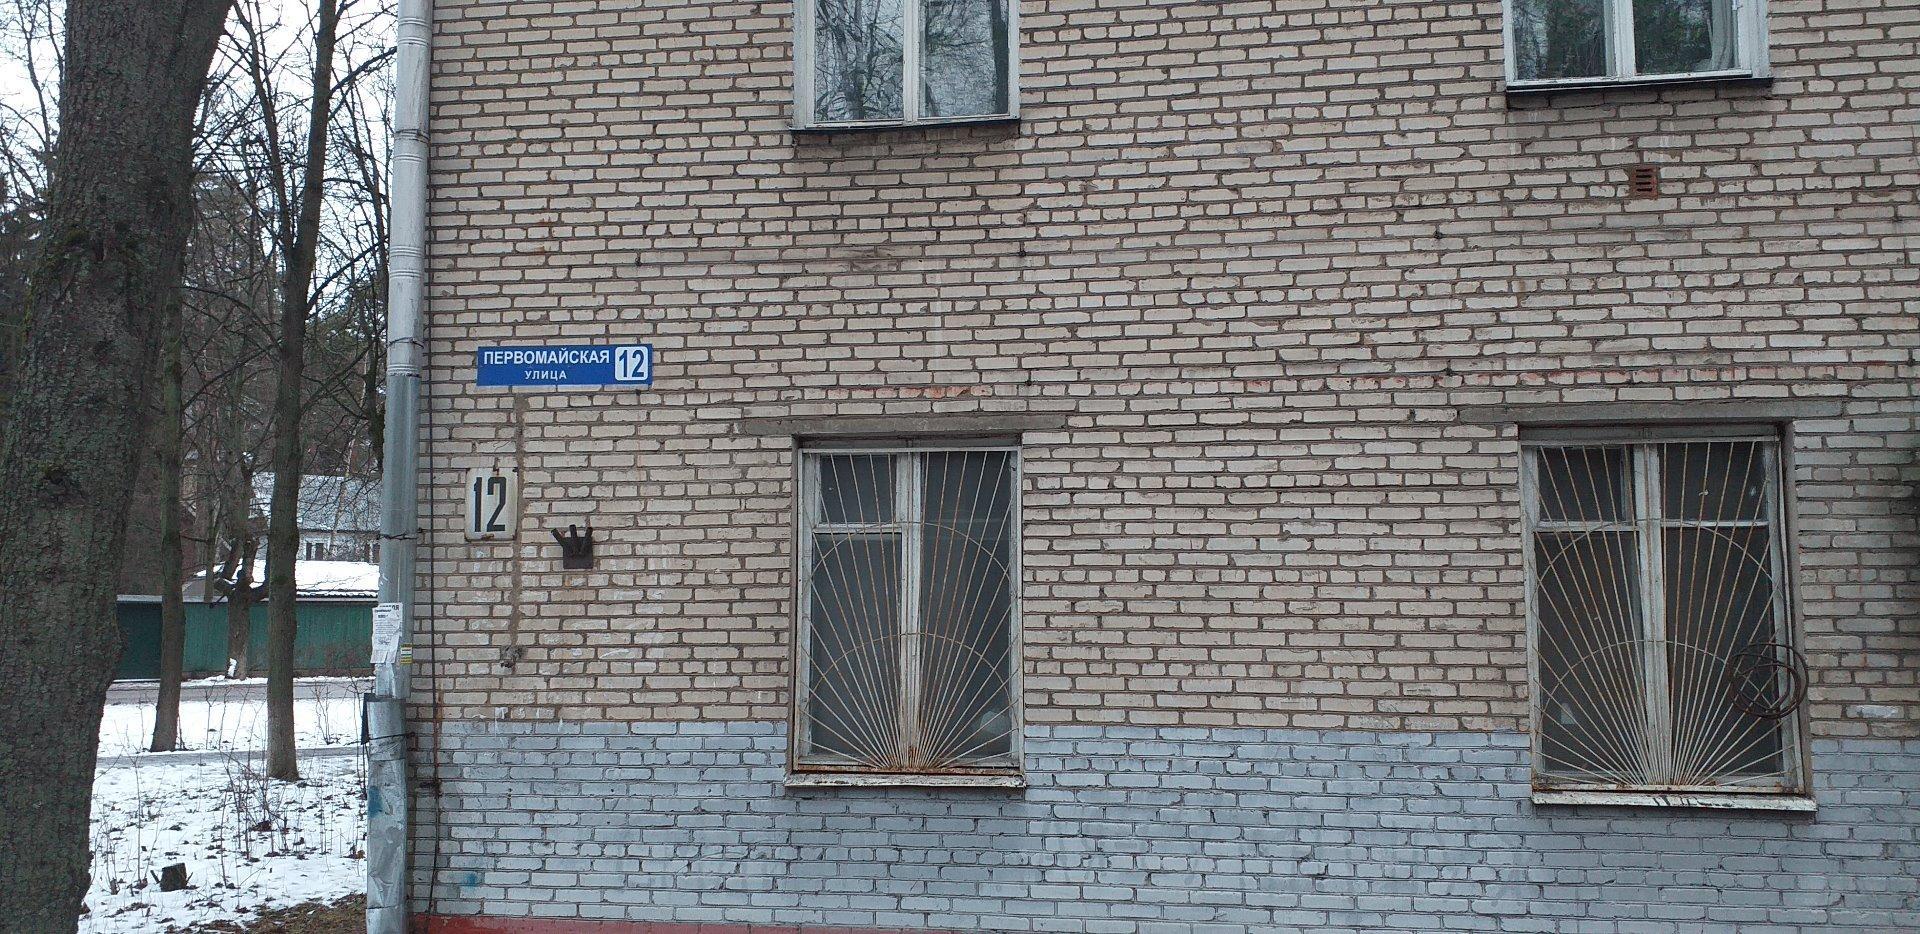 Продам 1-комн. квартиру по адресу Россия, Московская область, Пушкино, улица Первомайская, 12 фото 14 по выгодной цене